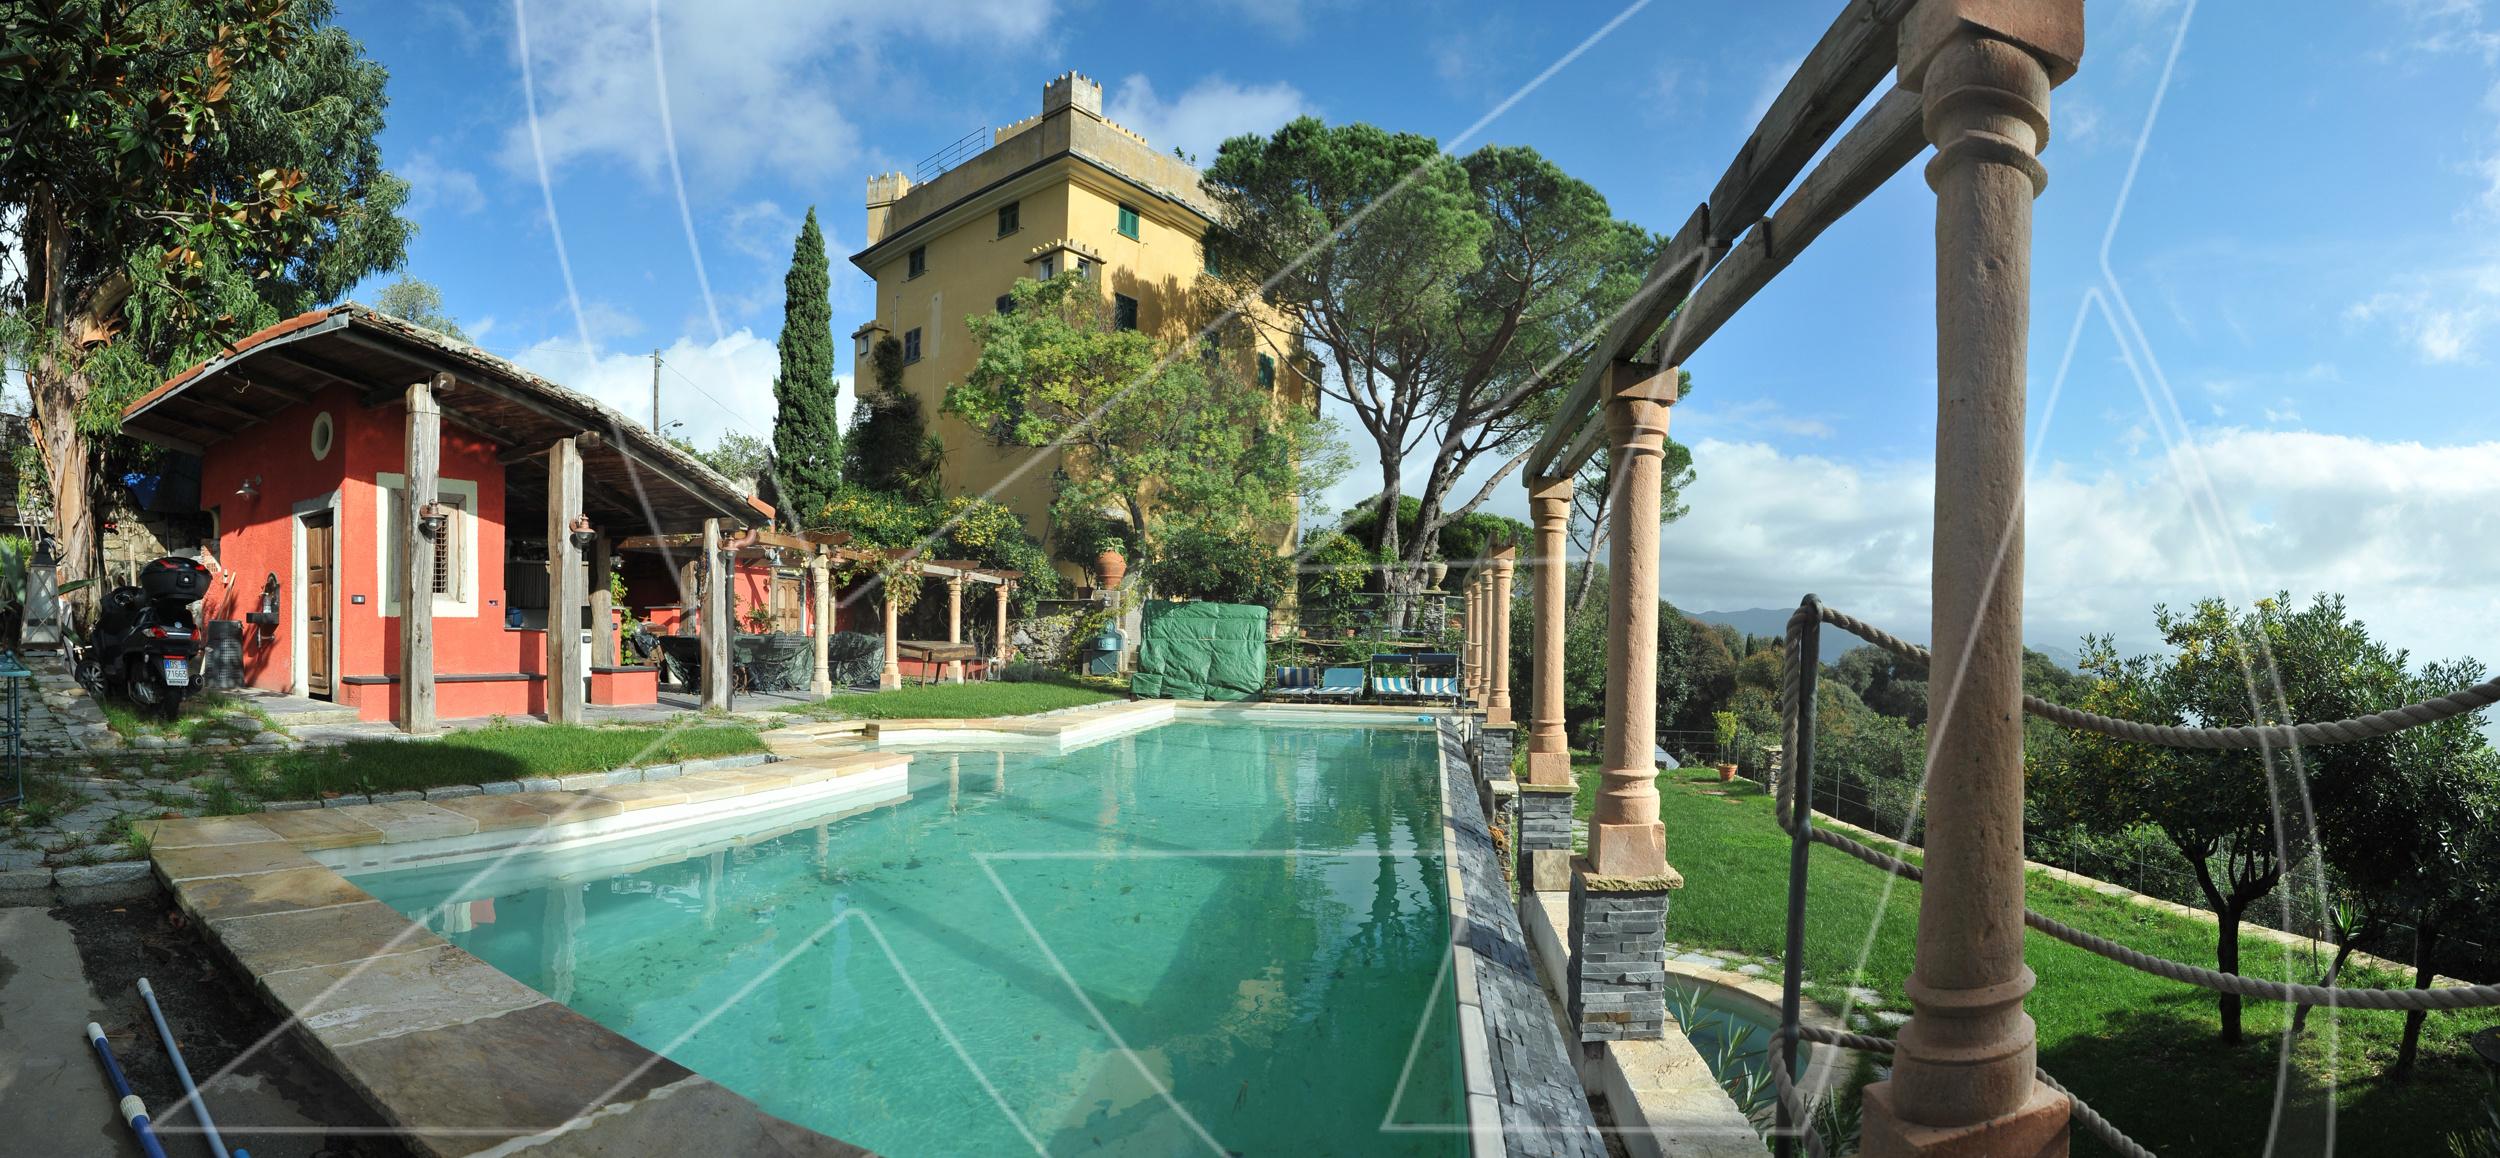 San lorenzo della costa porzione di villa con piscina in - Villa in affitto con piscina ...